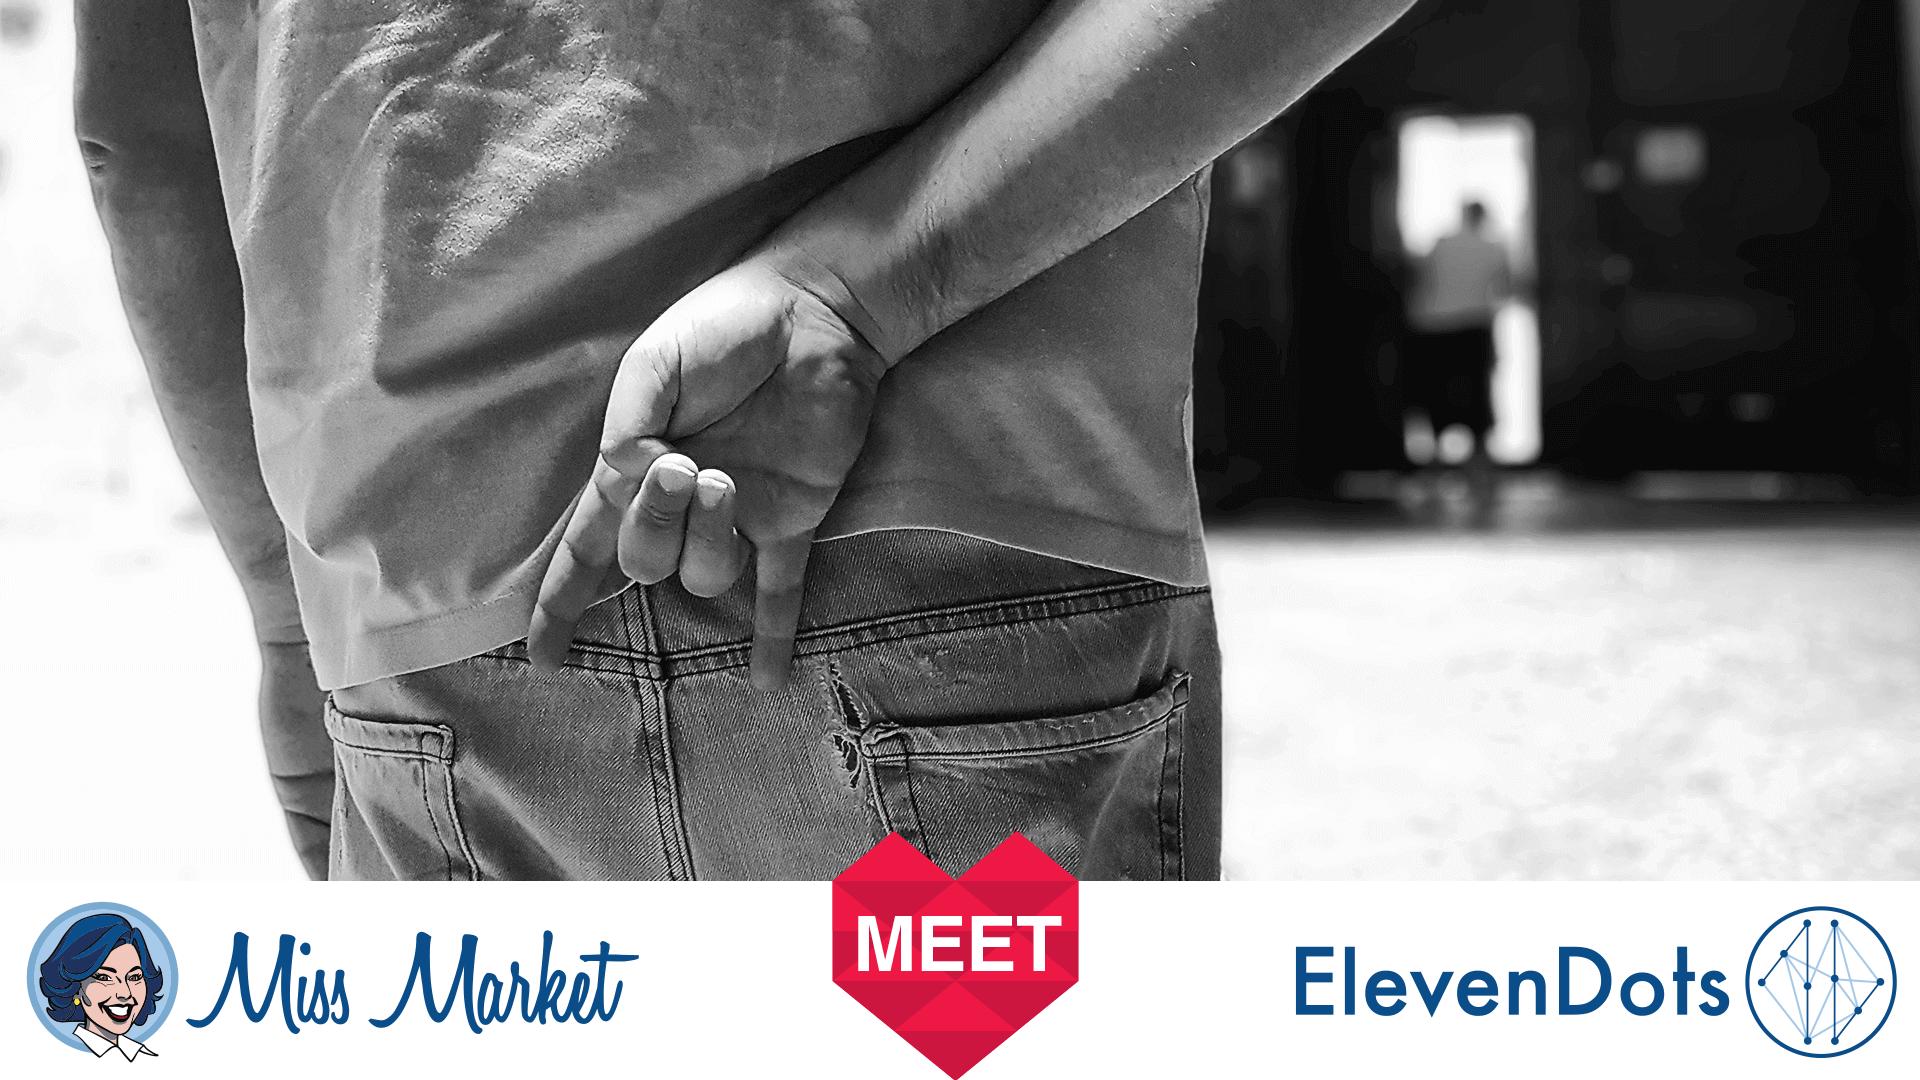 elevendots-miss-market-un-incontro-scaramantico-5